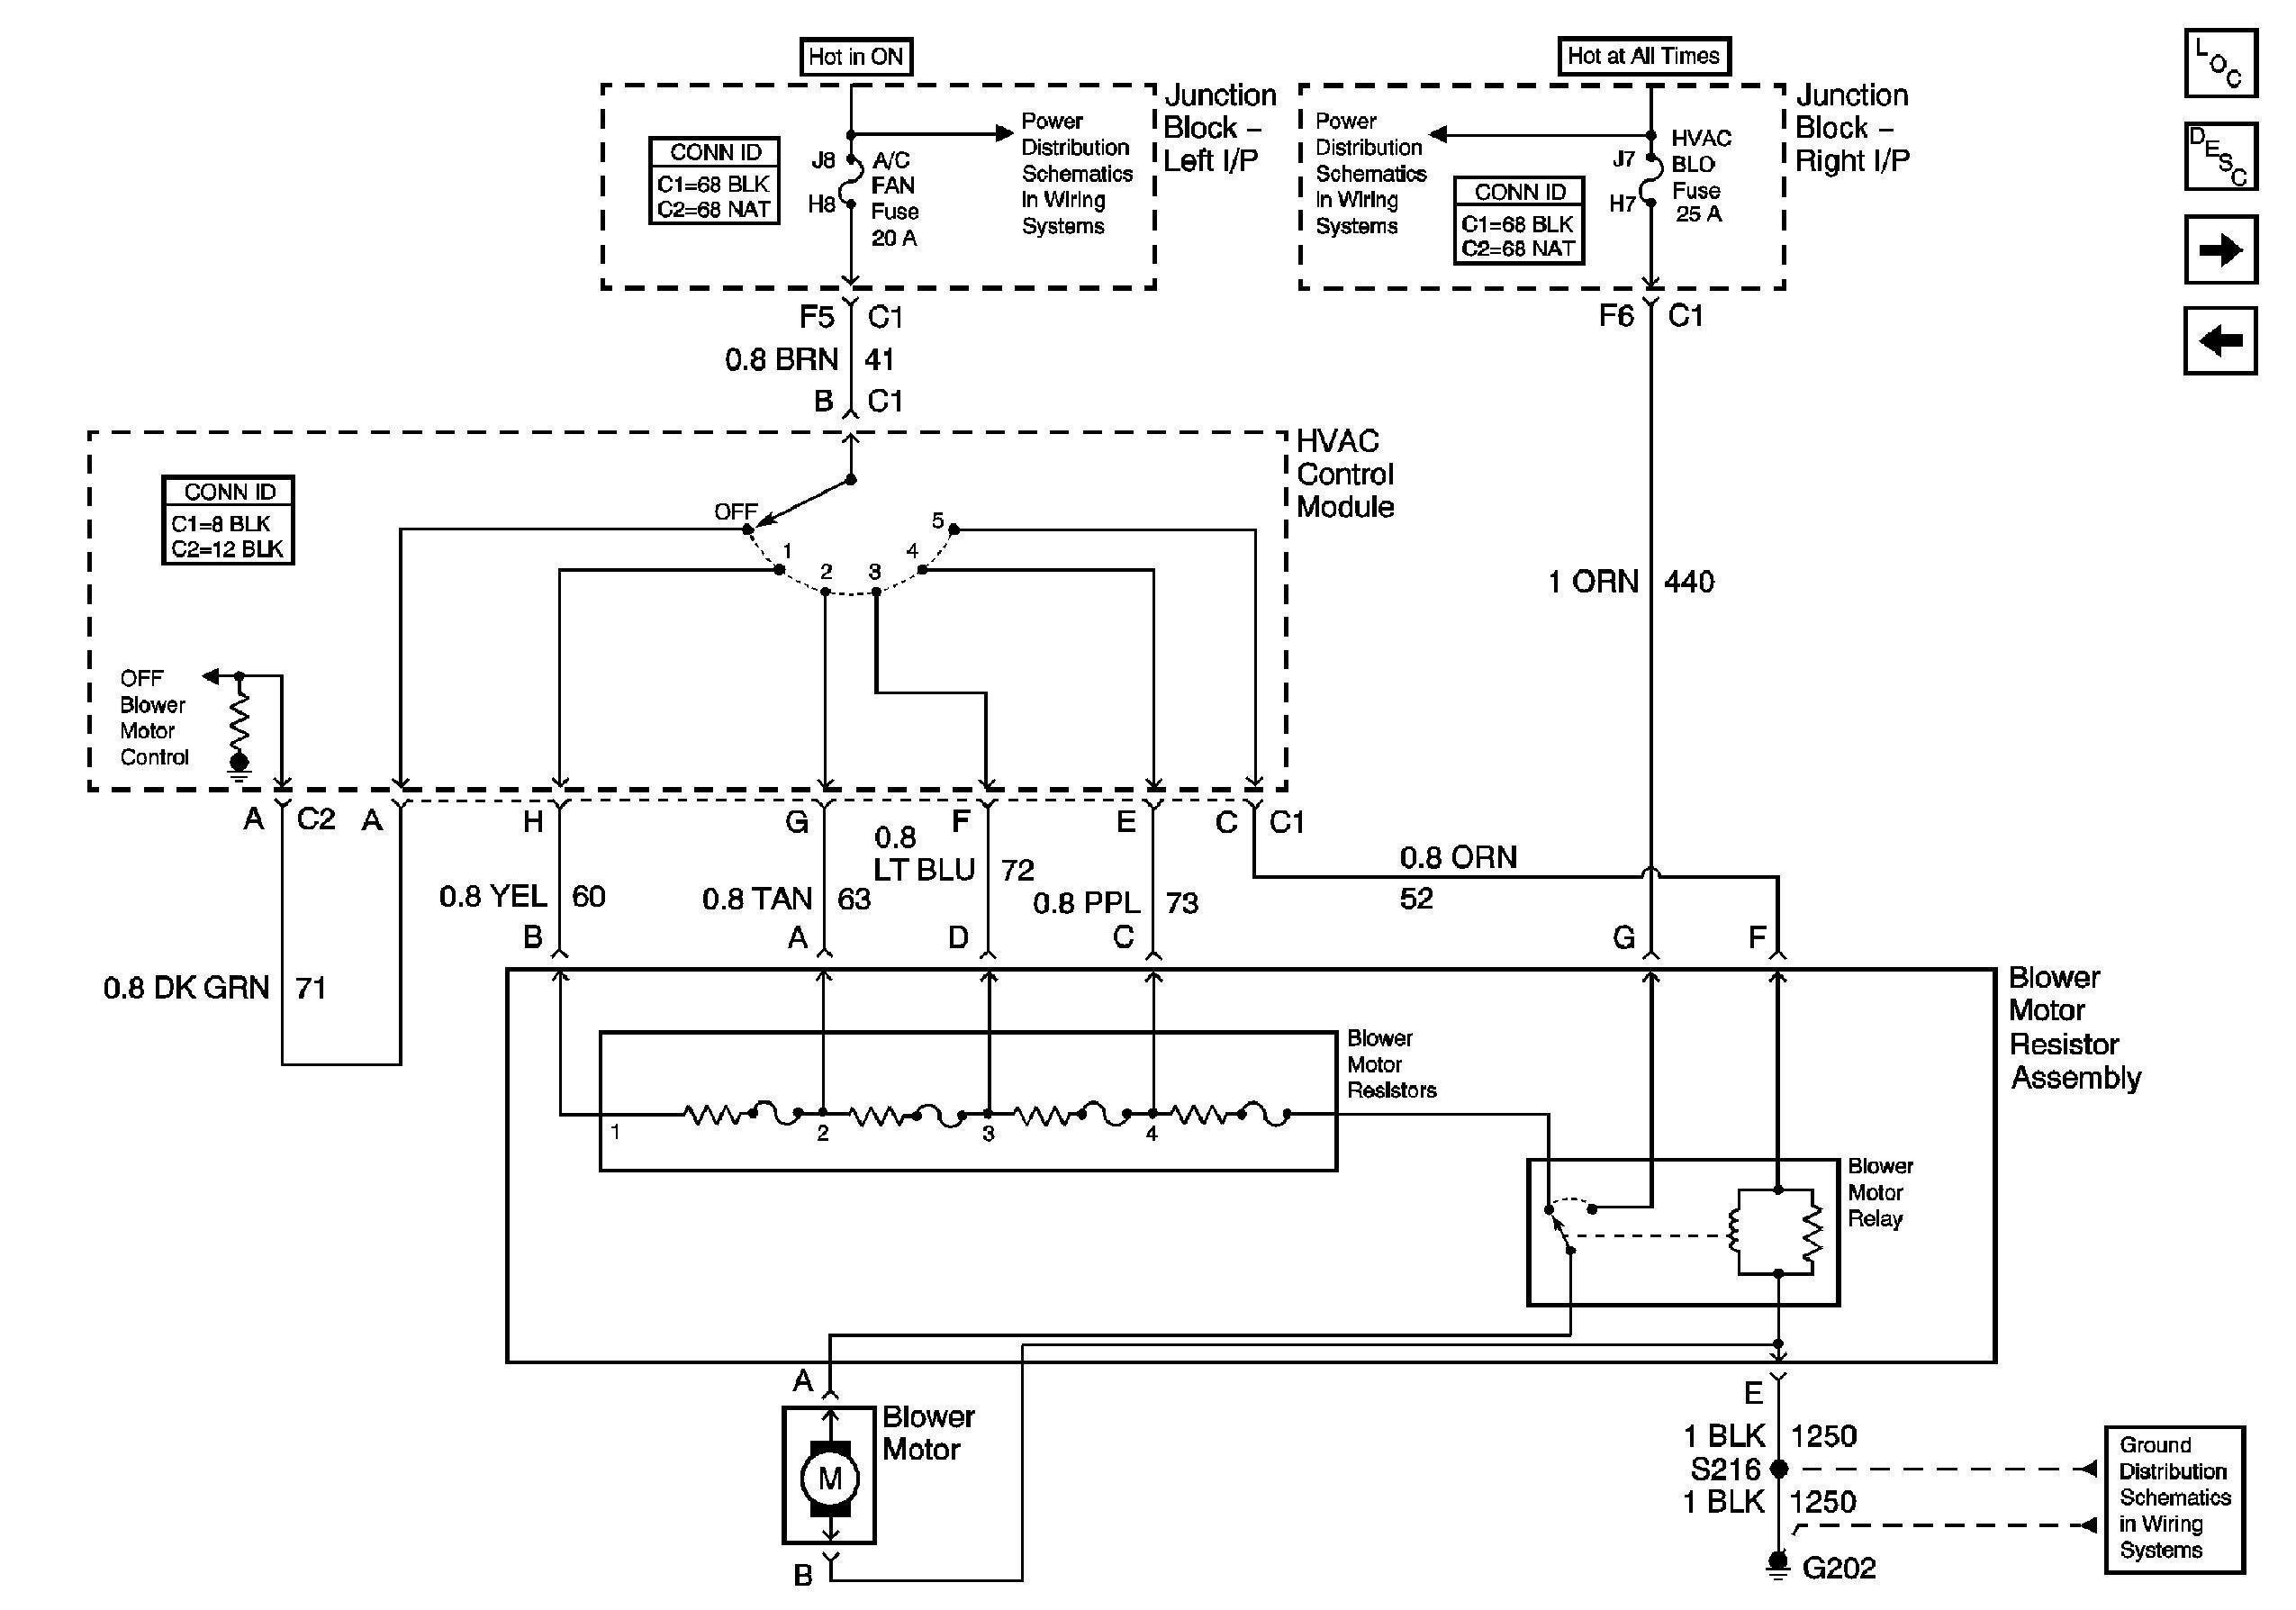 ge furnace blower motor wiring diagram hvac motor wiring diagram fresh wiring diagram for fasco blower motor valid fresh blower motor 20n?resize=720%2C505&ssl=1 fasco electric motor wiring diagram motorcyclepict co